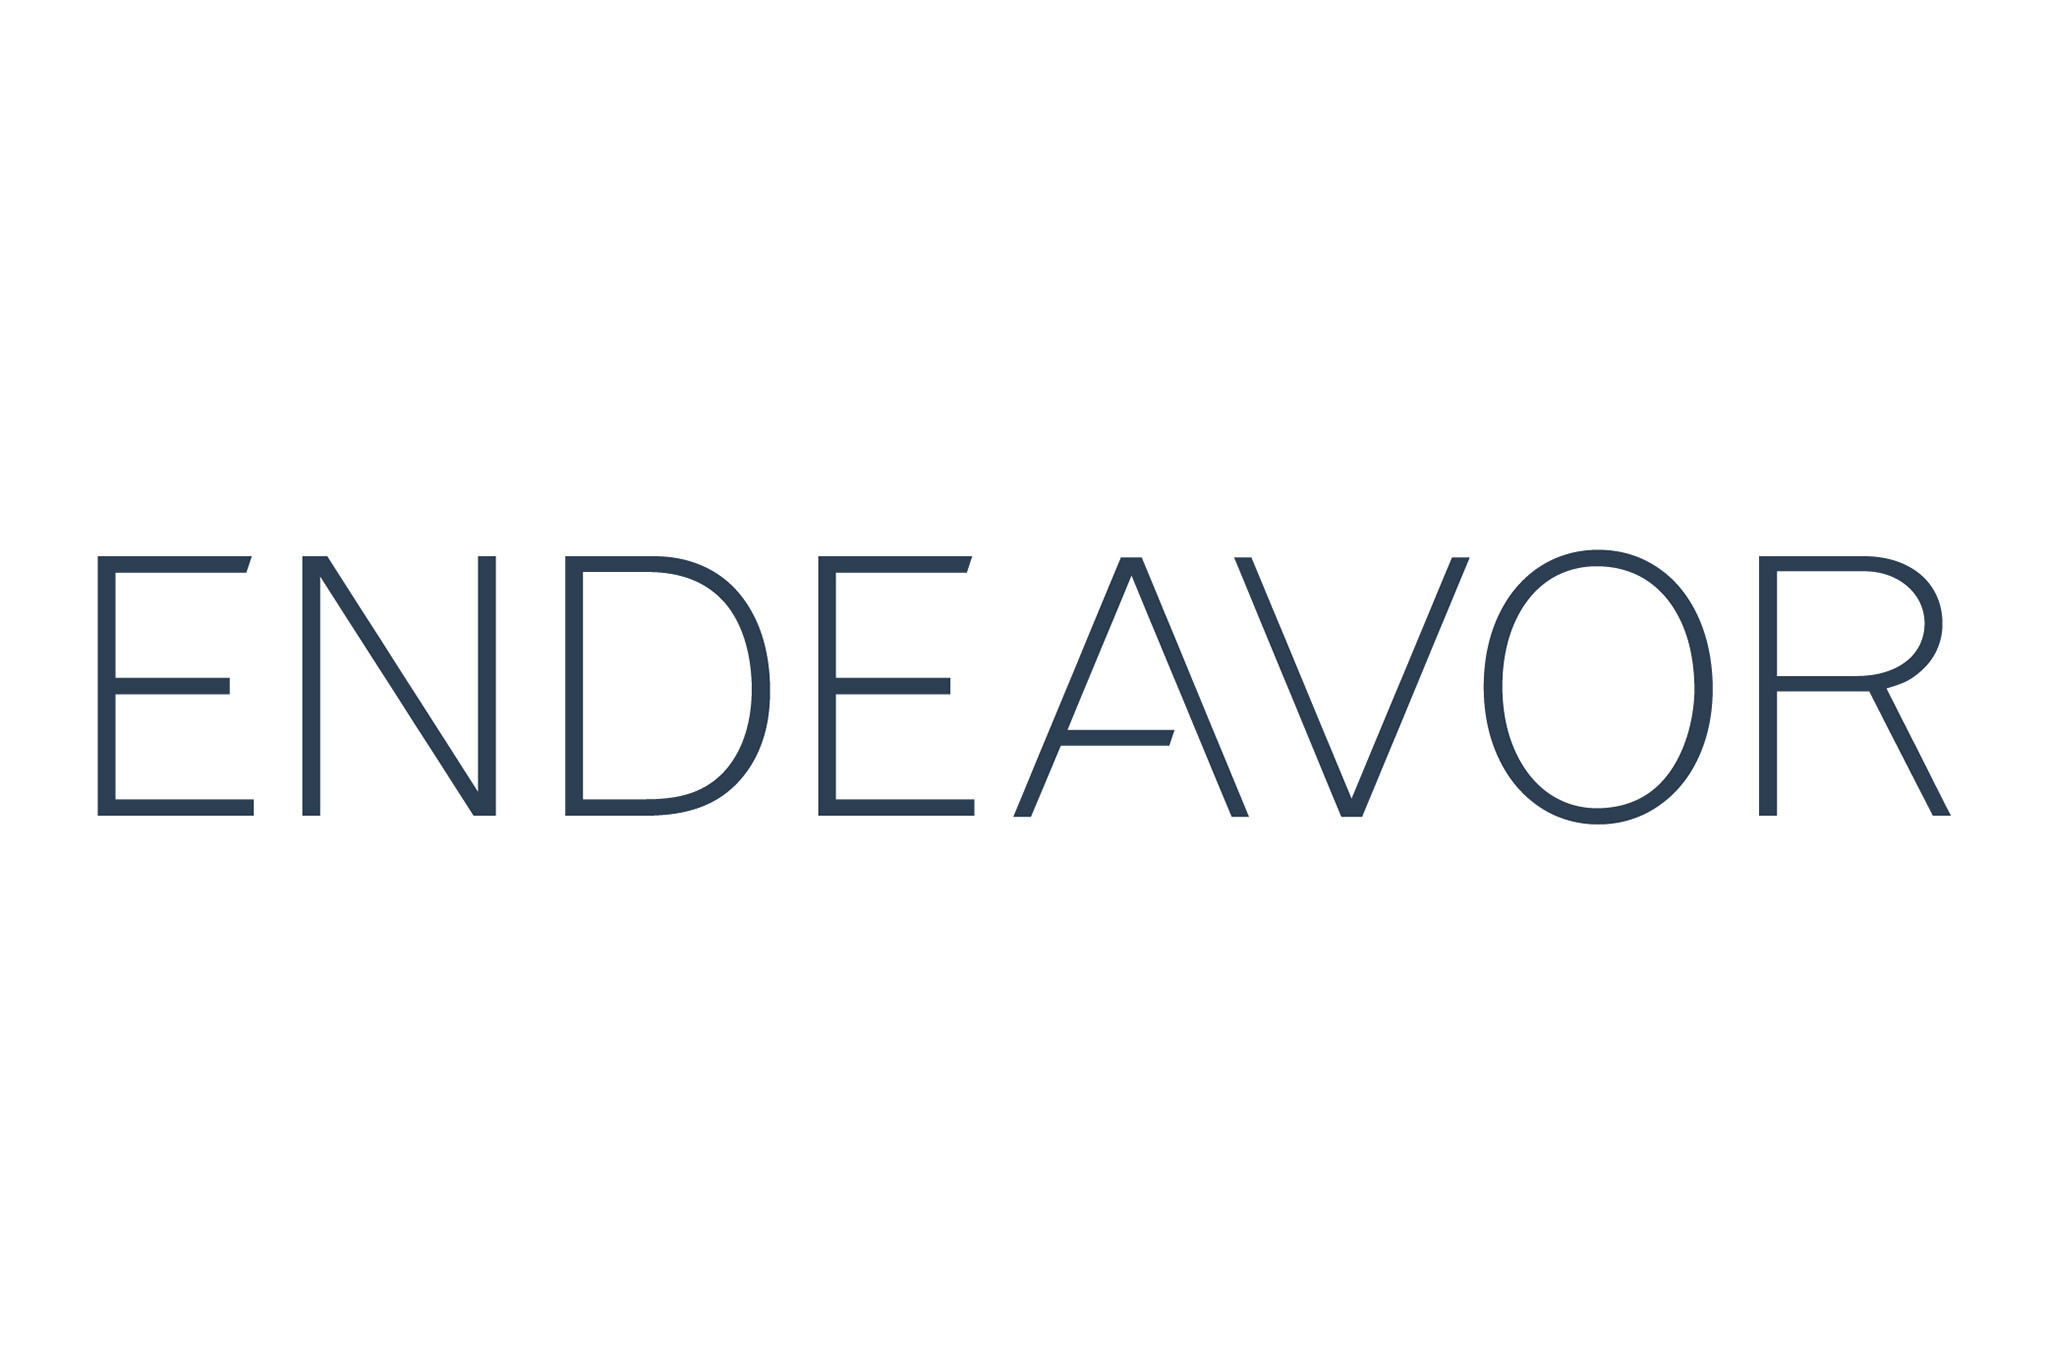 The Endeavor logo.